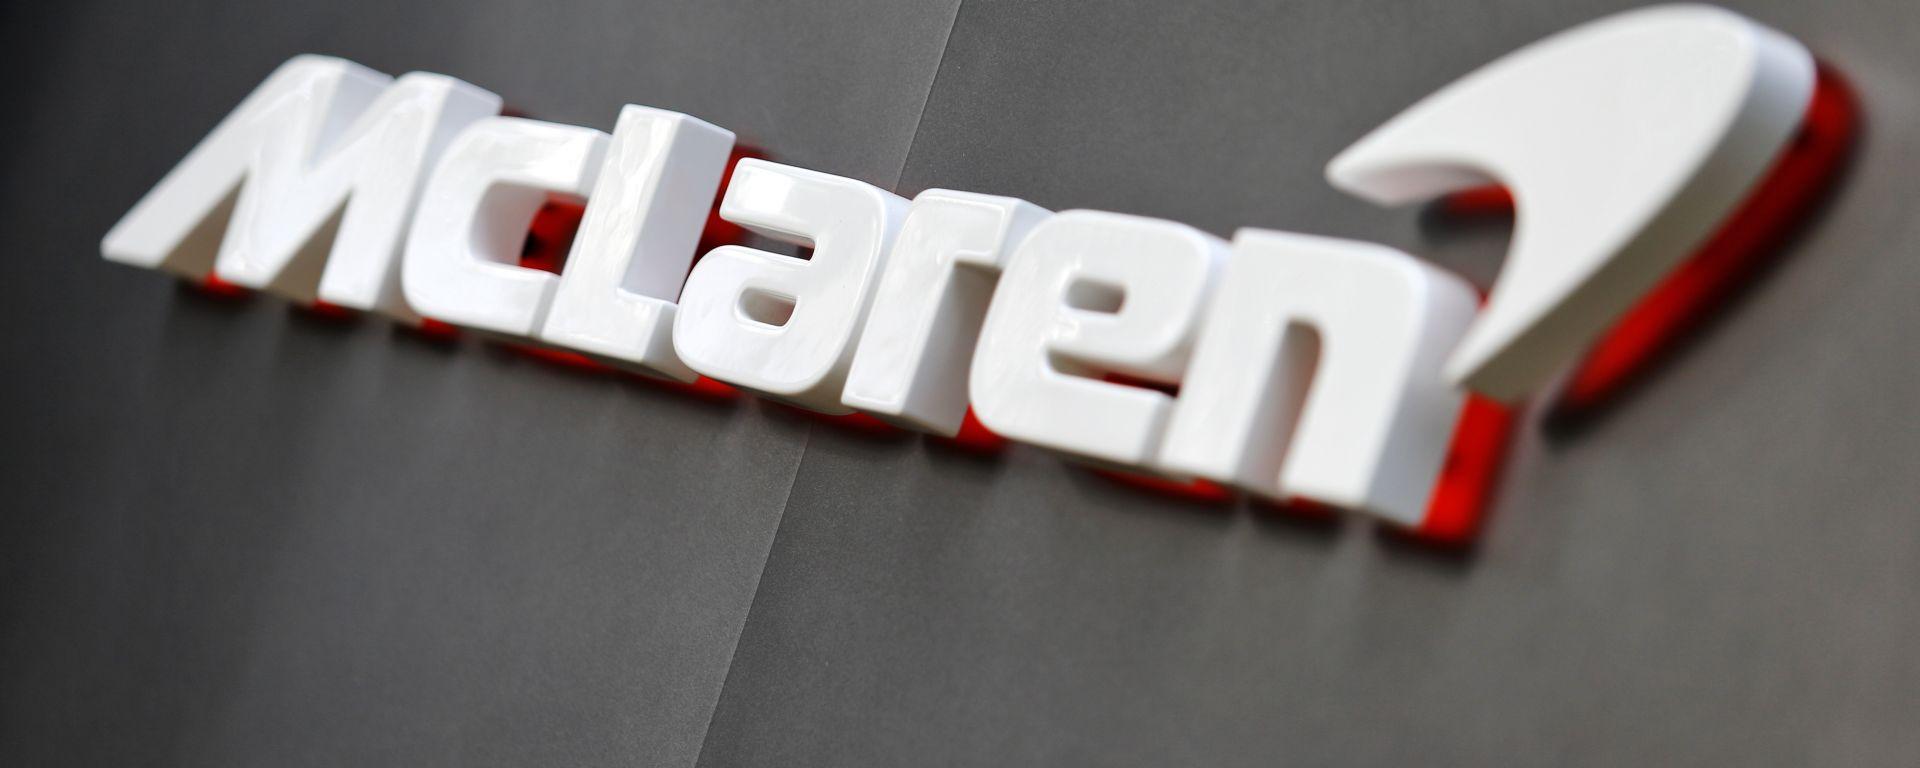 F1 GP Australia 2020, Melbourne: il logo del team McLaren F1